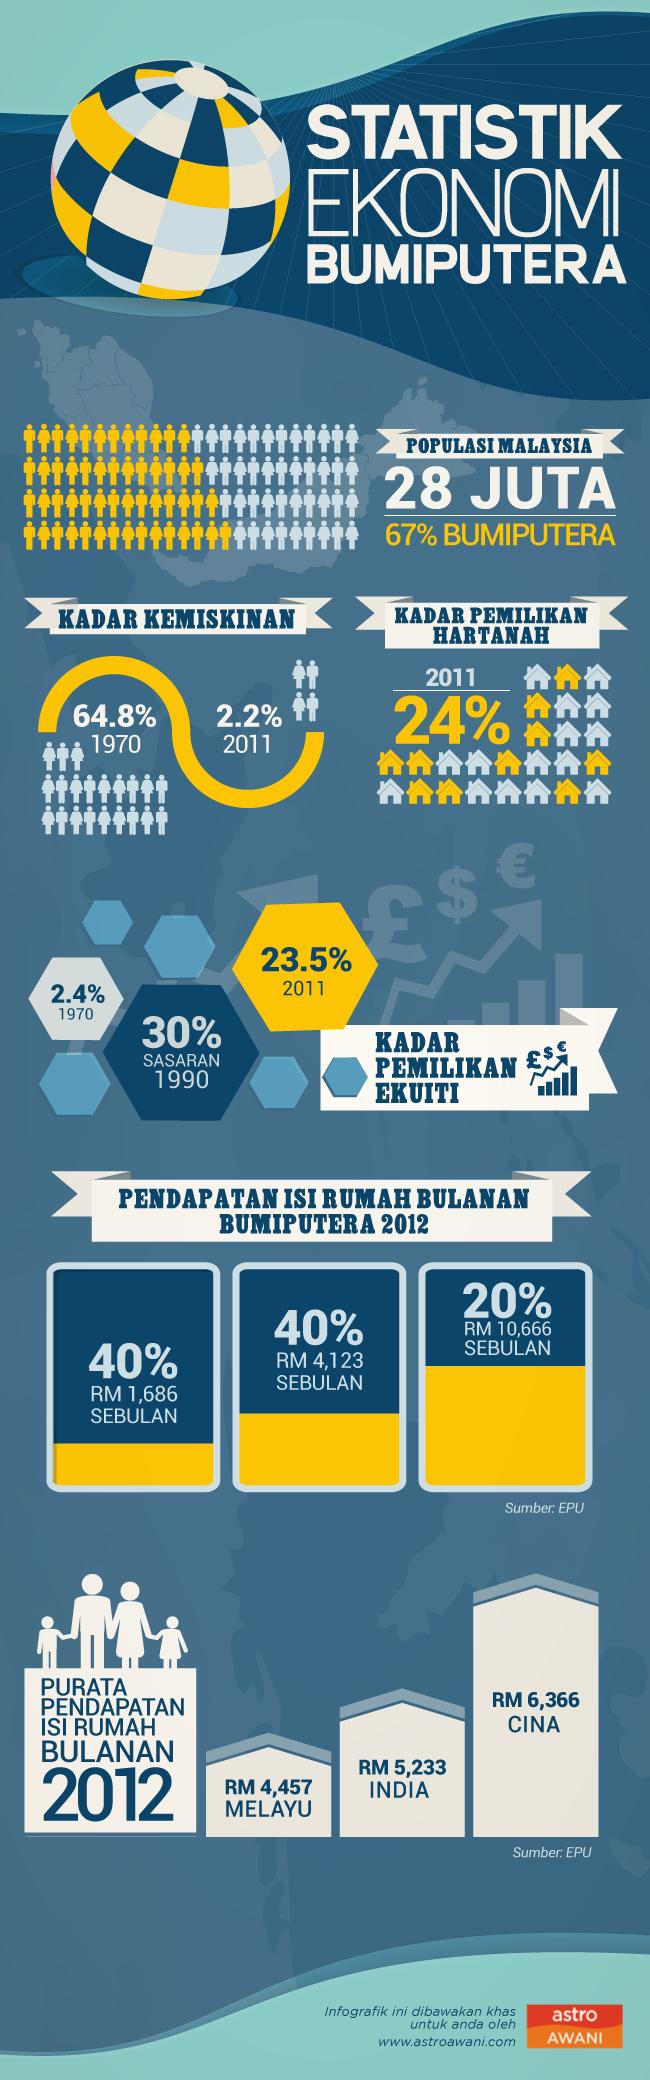 Majlis Pemerkasaan Ekonomi Bumiputera, Melayu